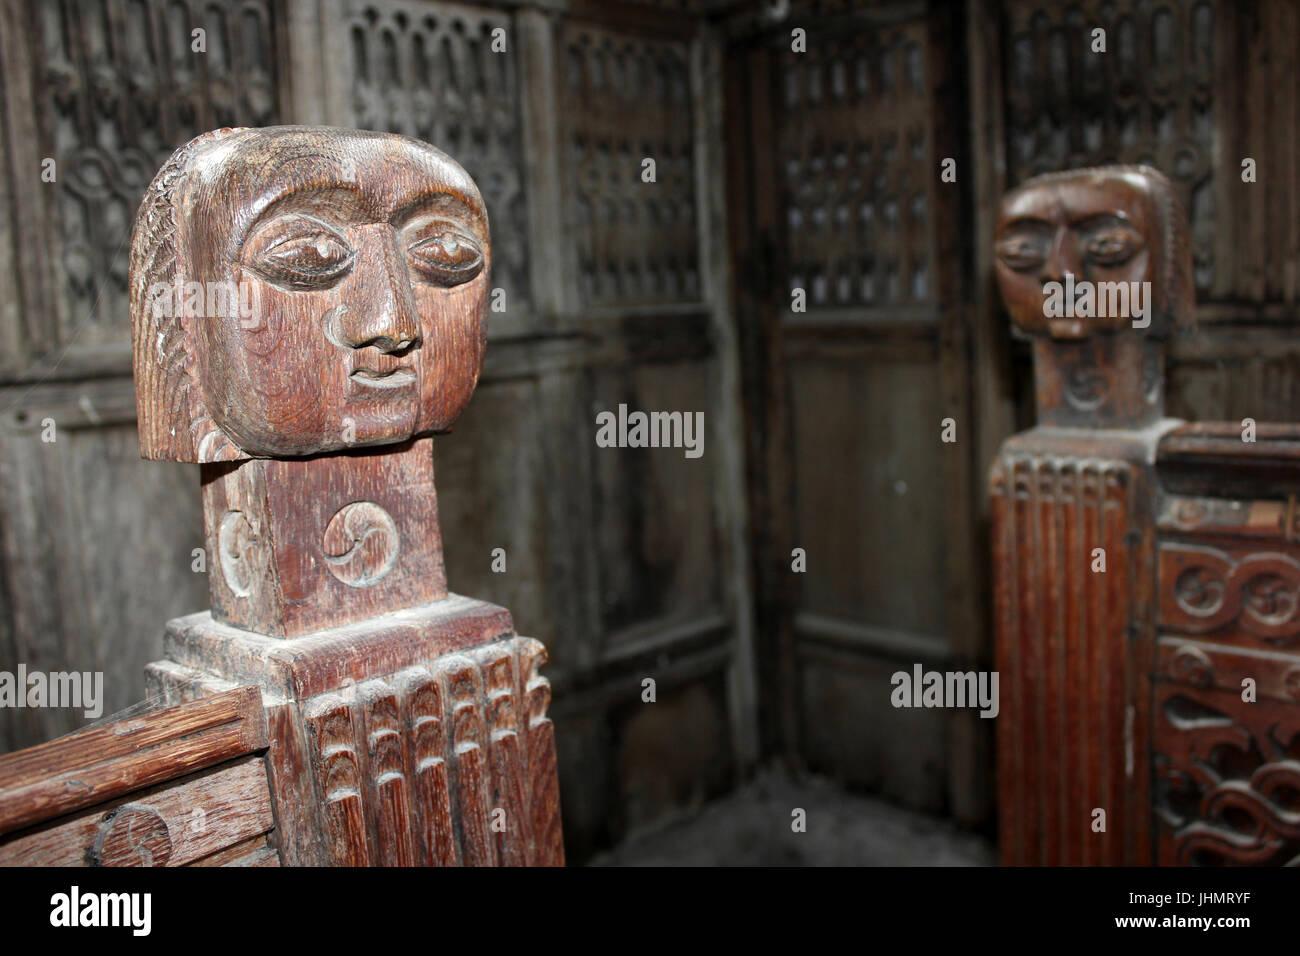 Carved Pew Heads in Gwydir Chapel, St Grwst's Church, Llanrwst - Stock Image